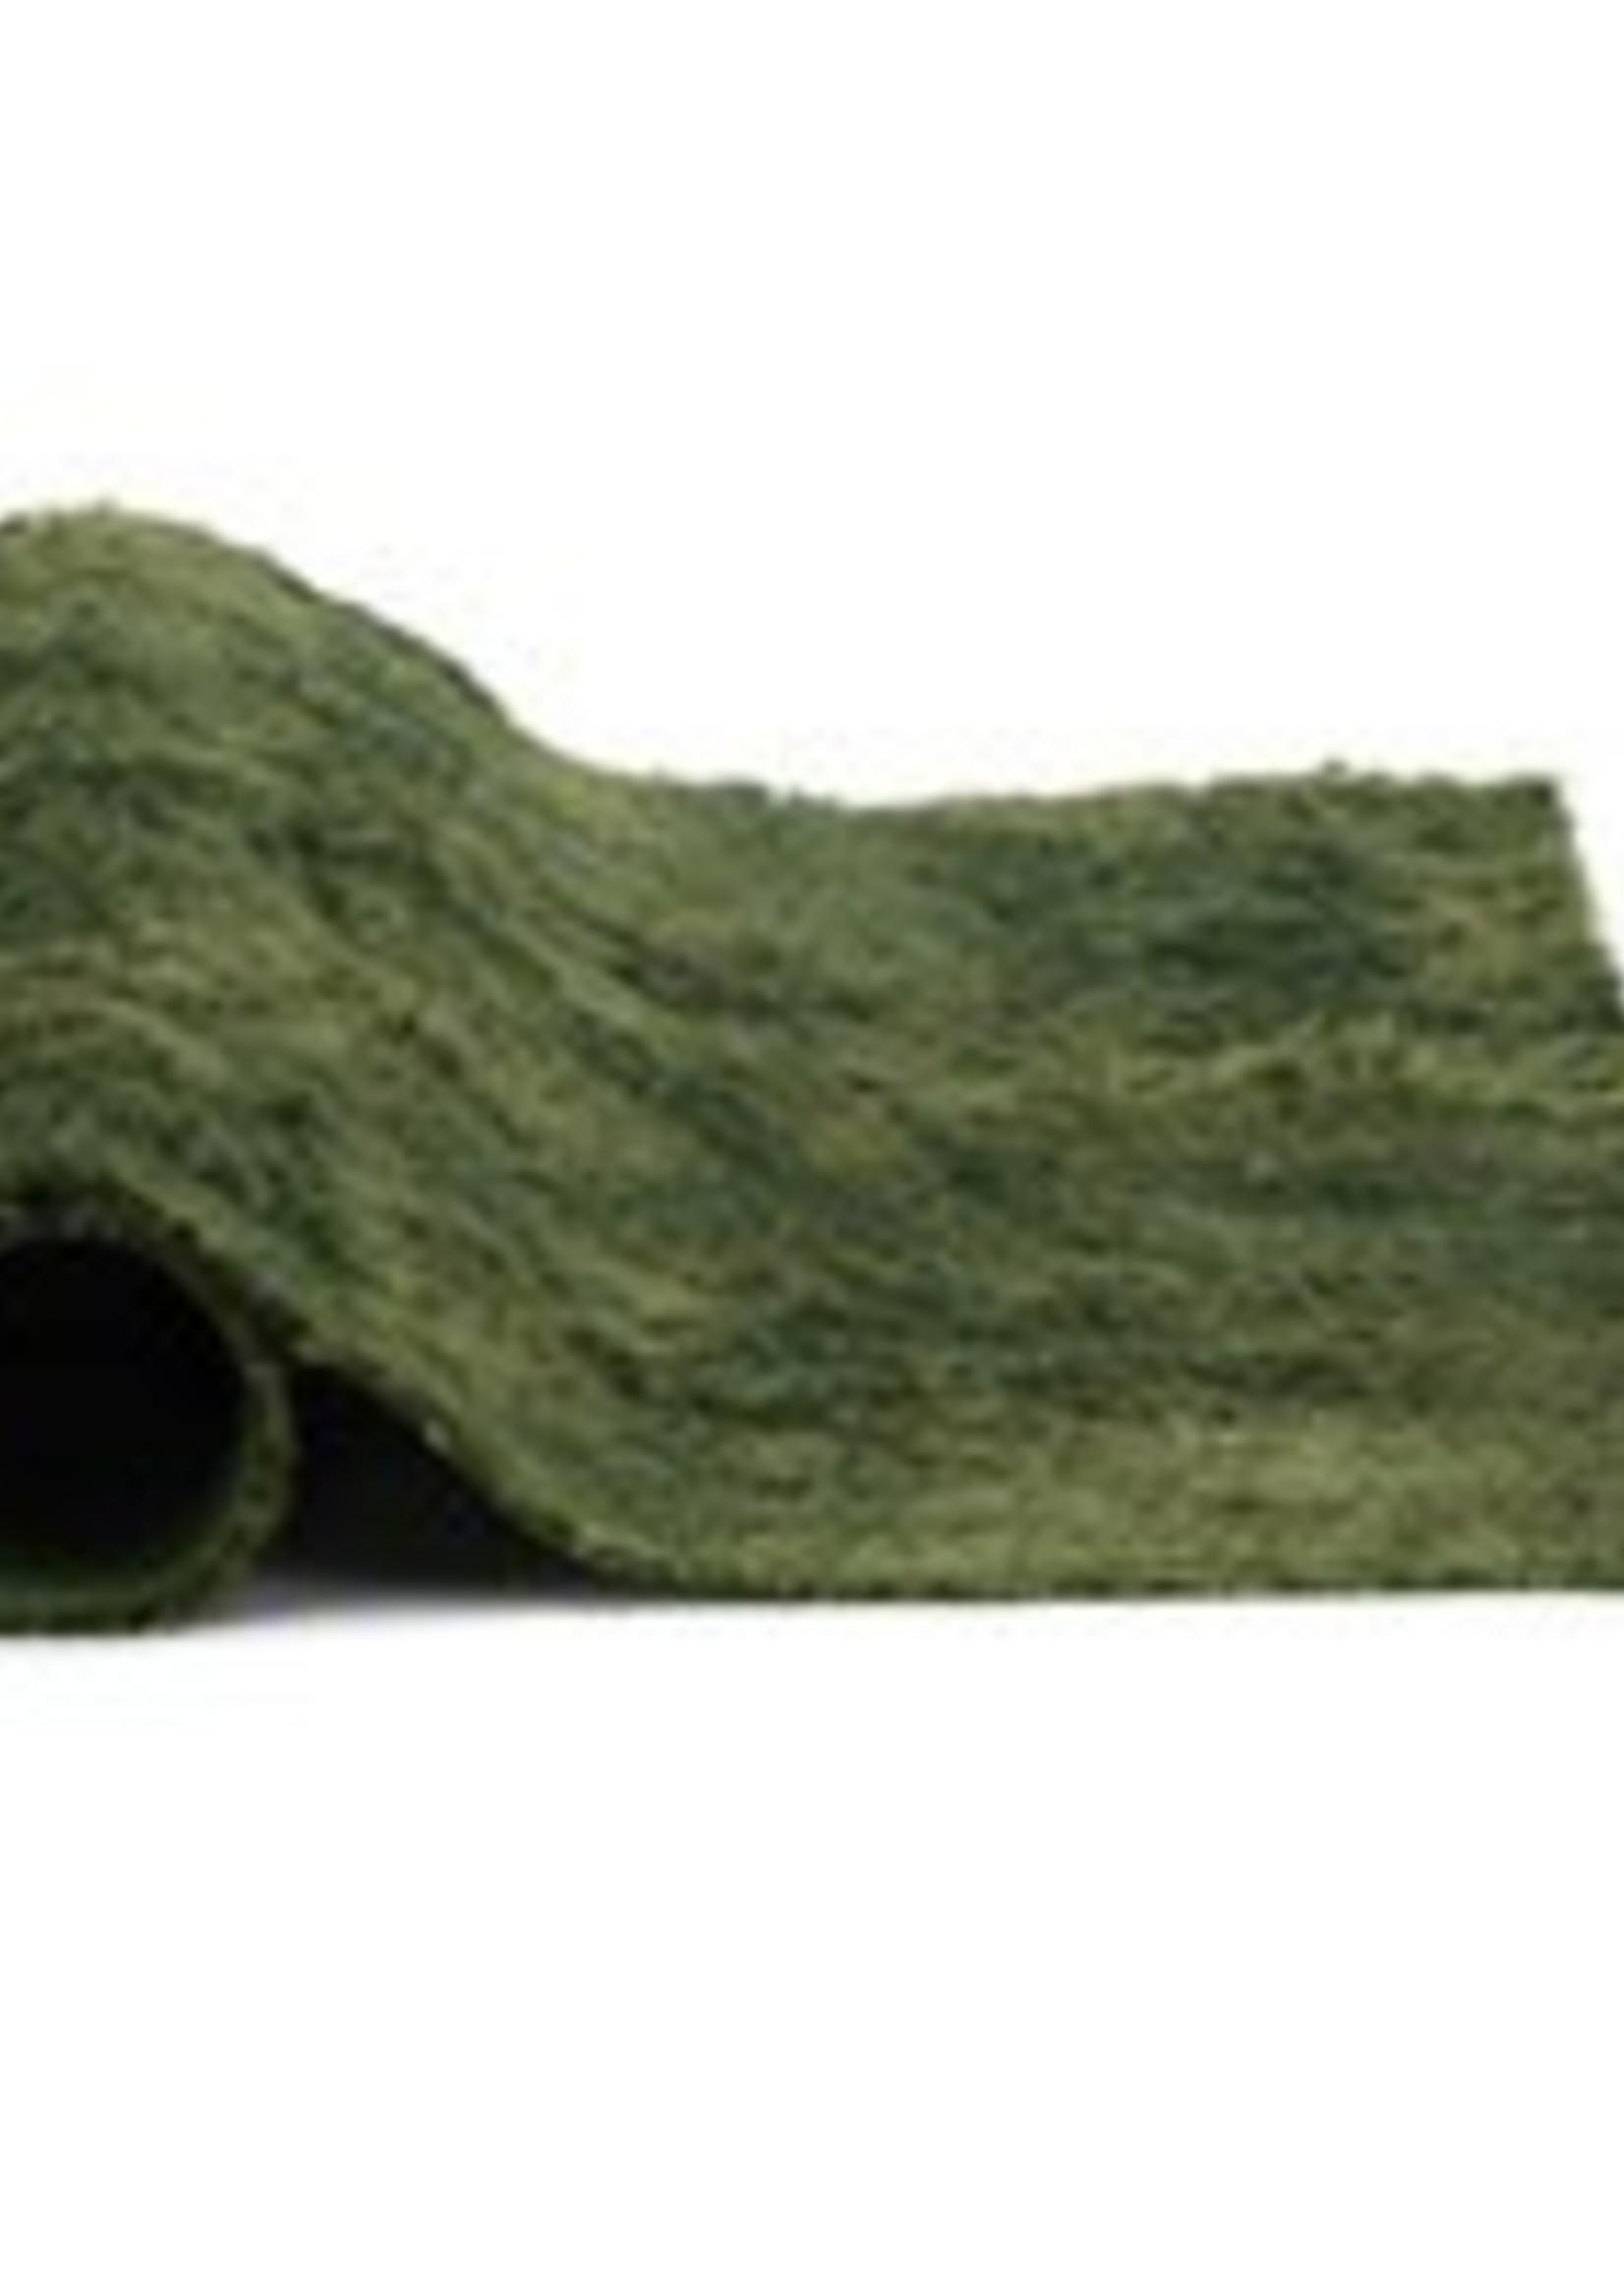 Exo Terra Moss Mat, 45x45cm-V